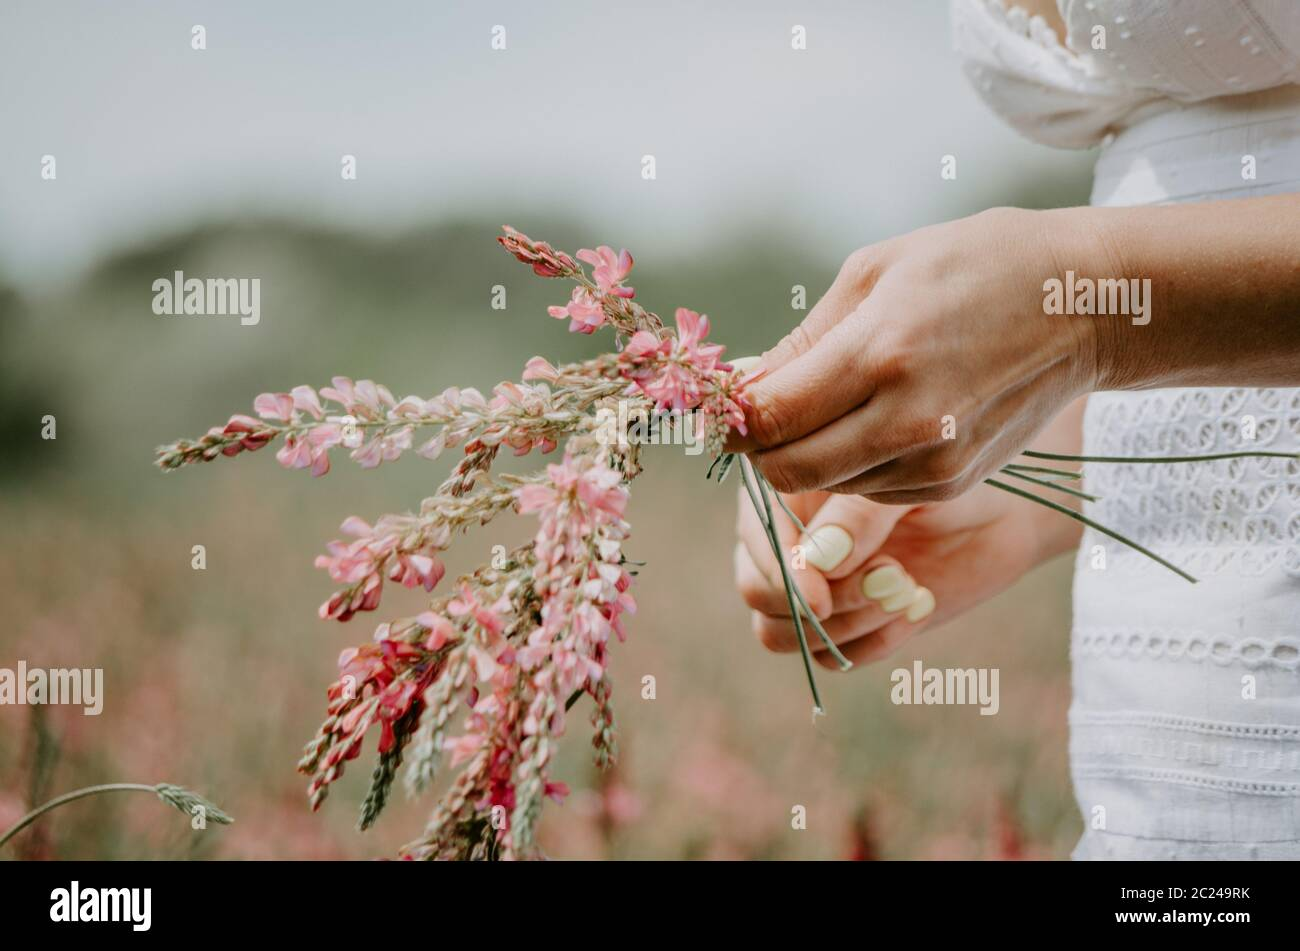 Gros plan sur les mains d'une femme qui tressent des fleurs sauvages dans une couronne de fleurs Banque D'Images